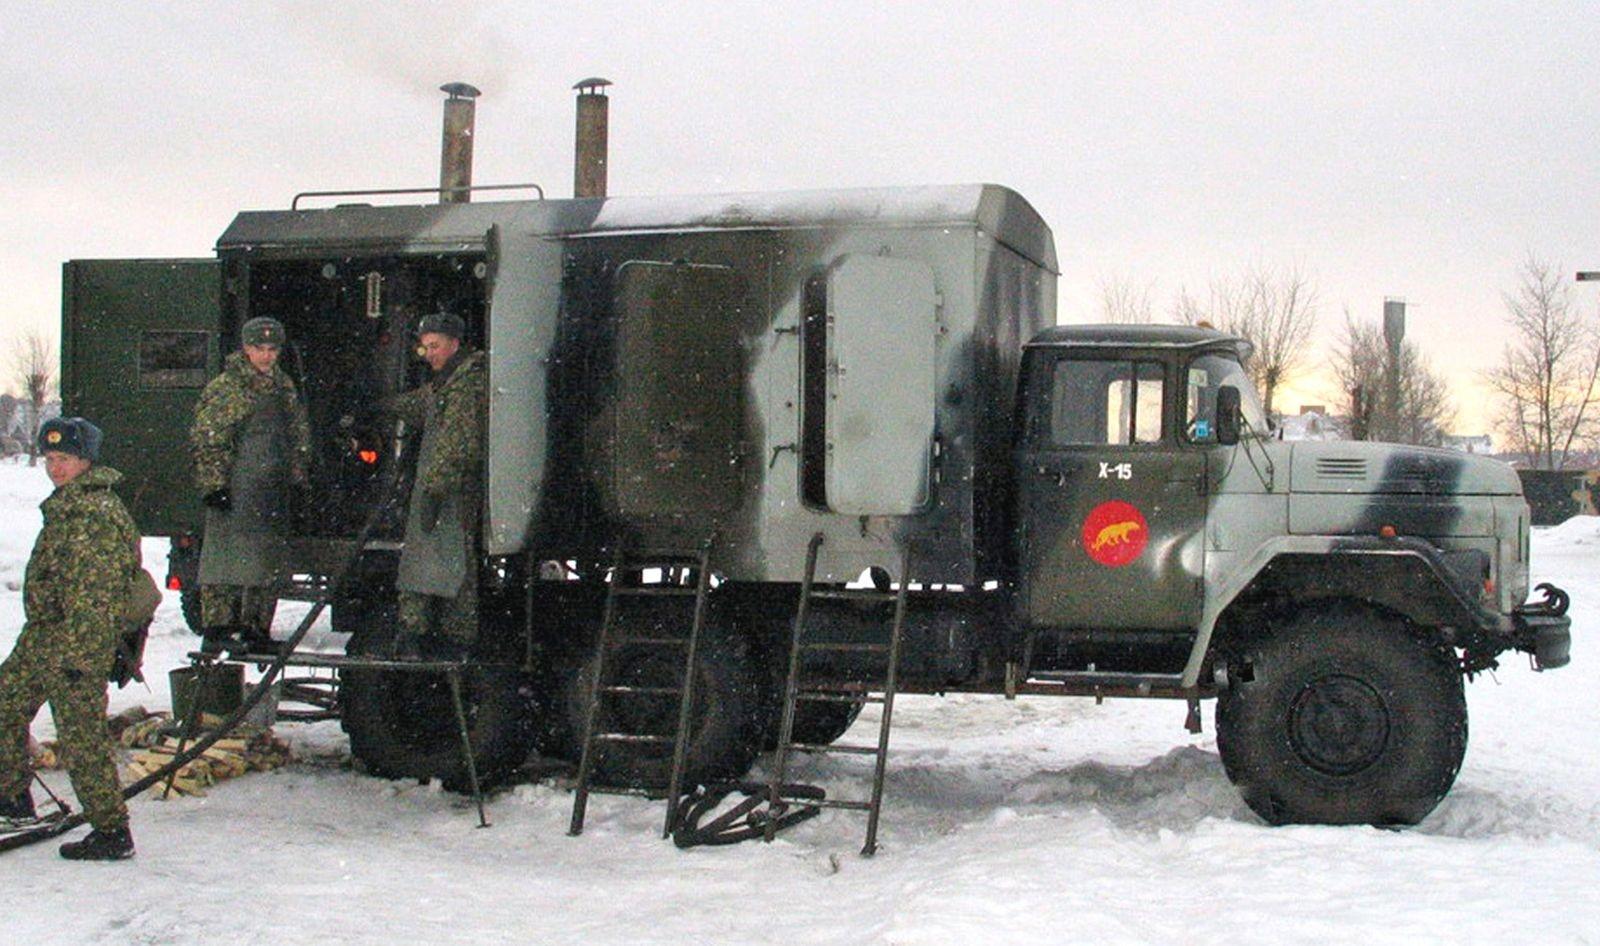 Мастер, химик, заправщик, ракетчик и не только: бесконечные военные профессии грузовика ЗИЛ-131